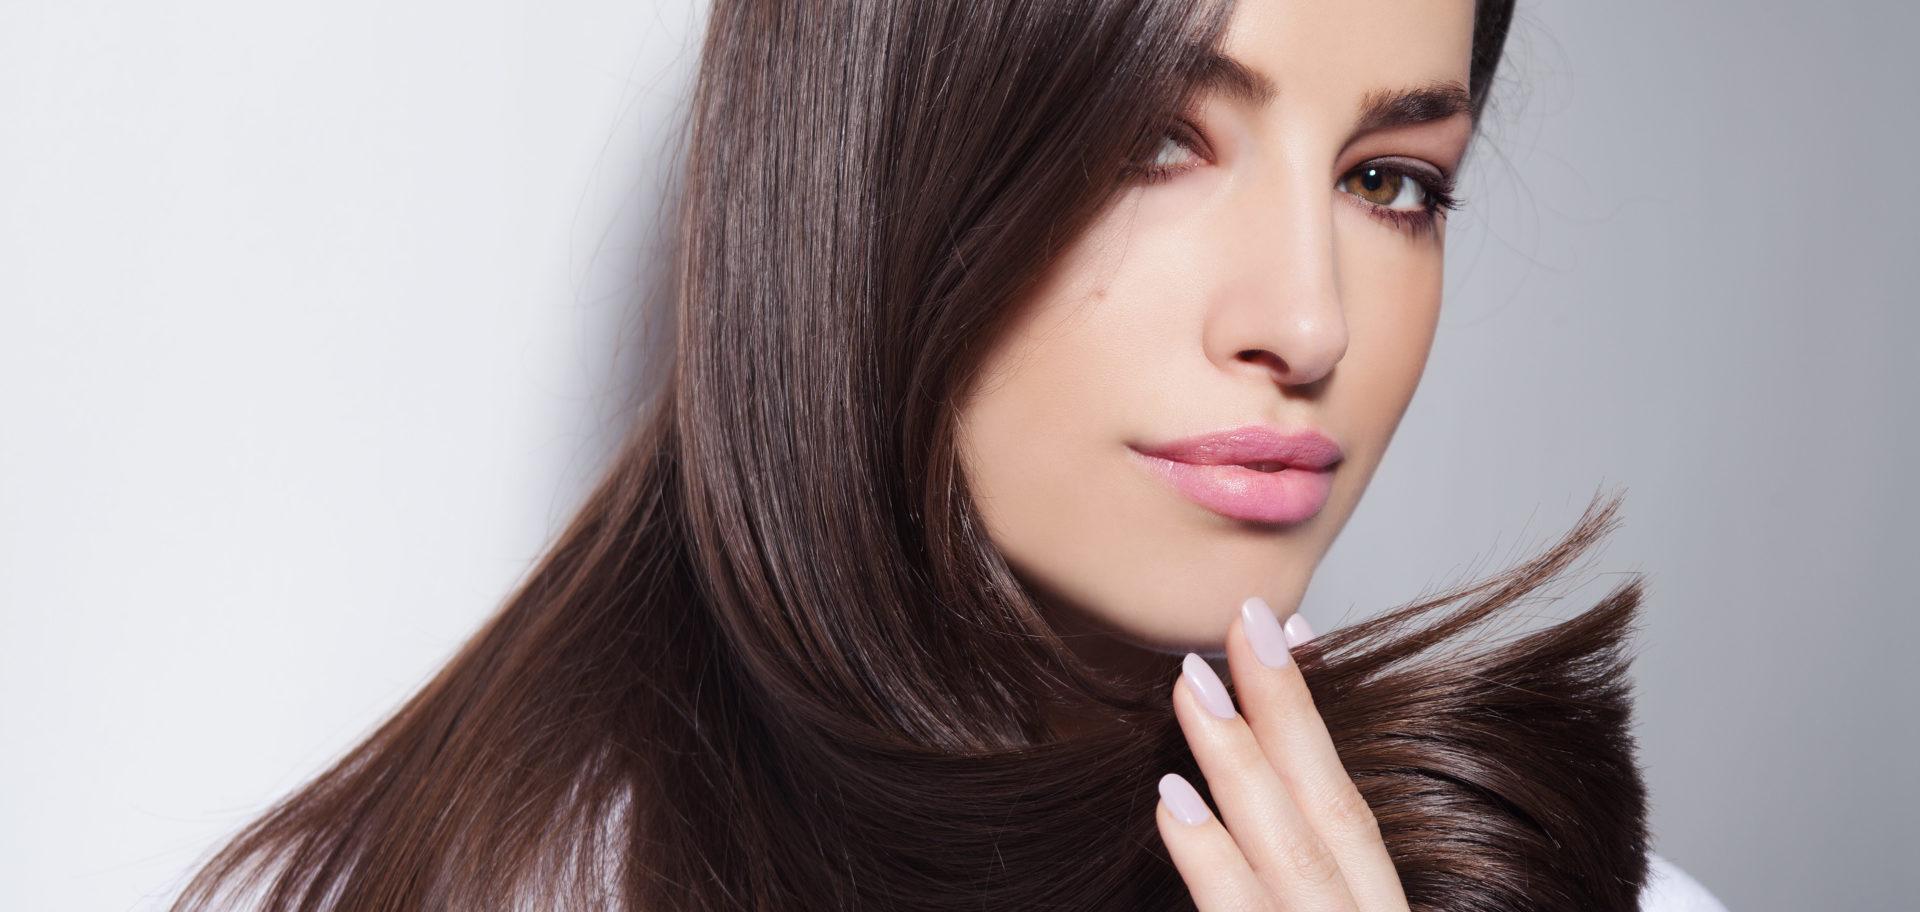 jakie leki powodują wypadanie włosów